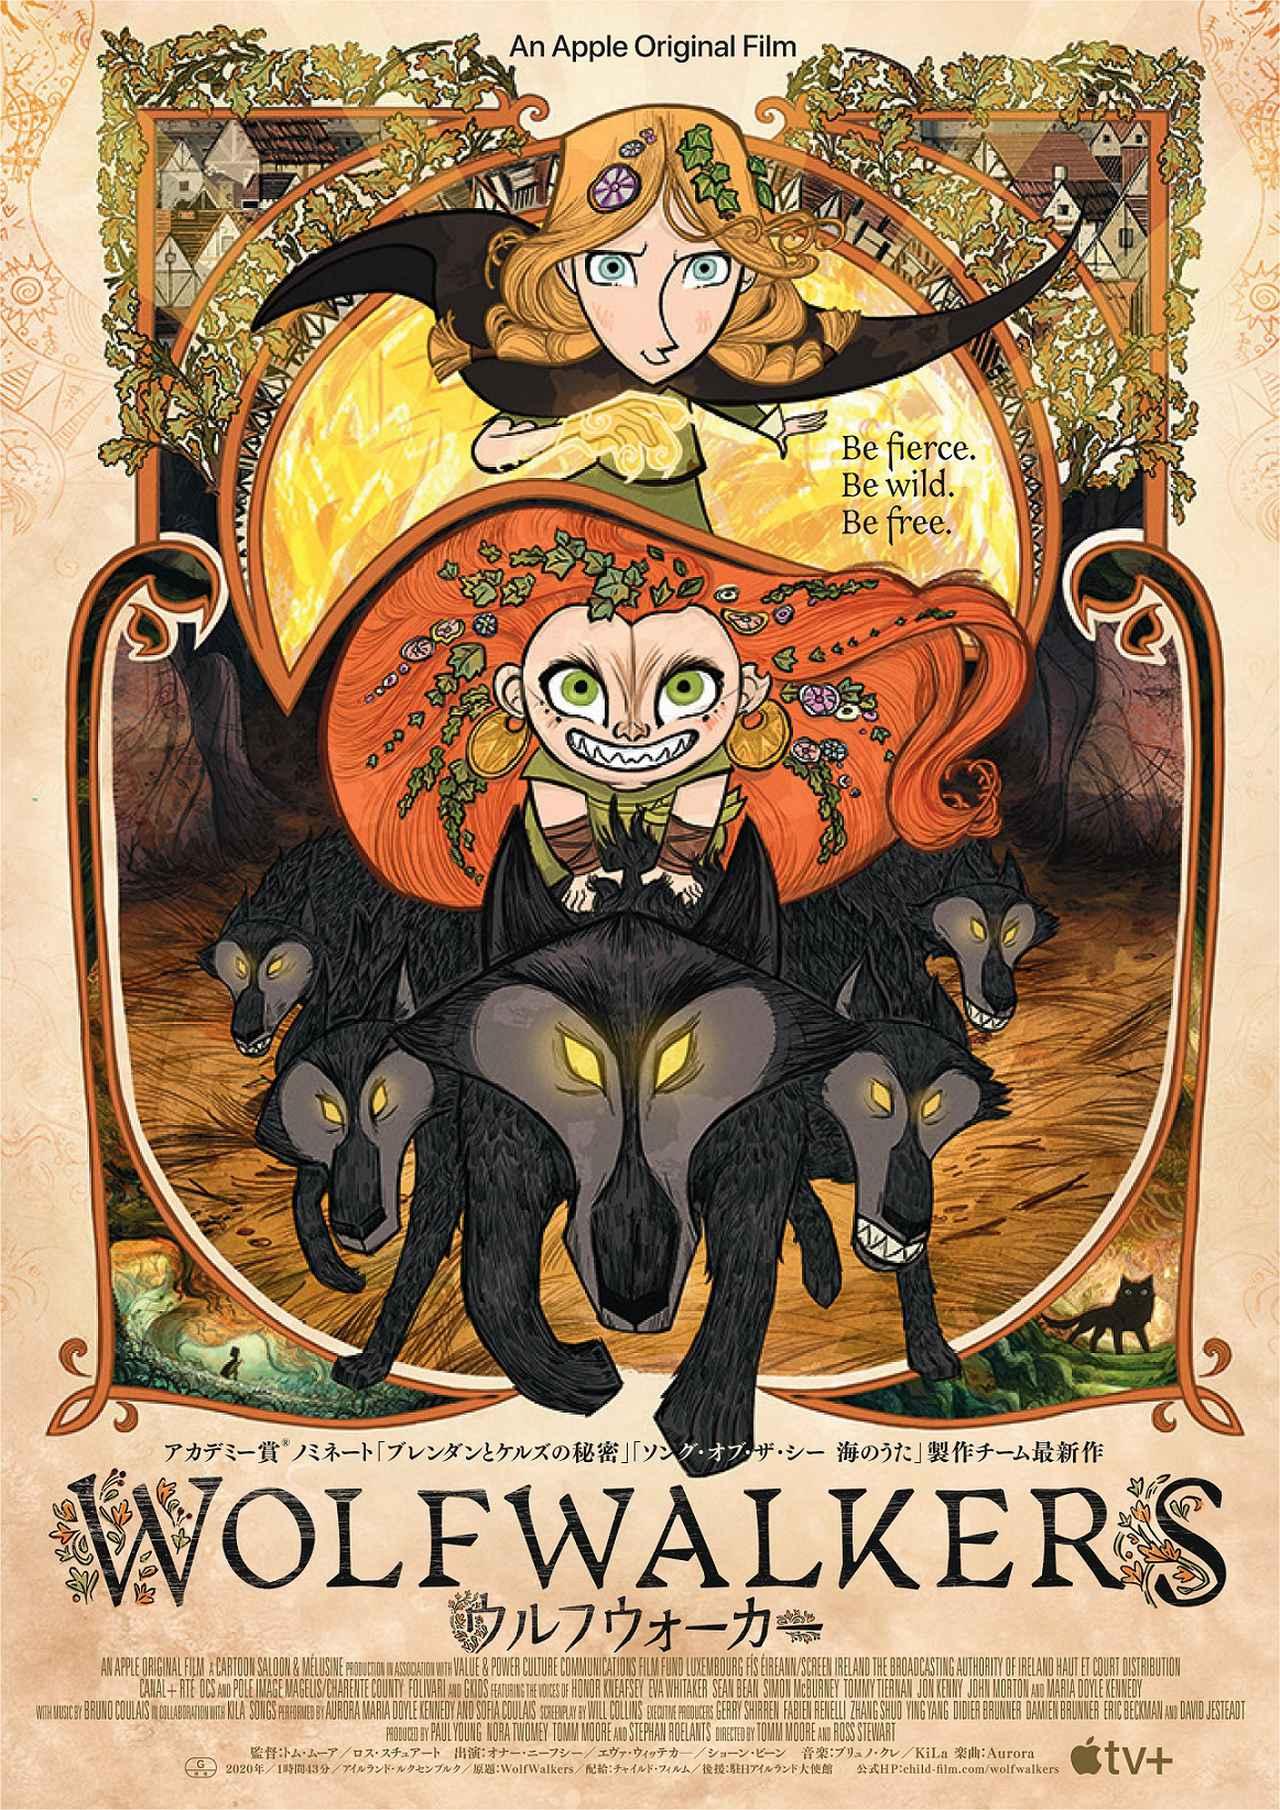 画像: ハロウィンの日限定!『ウルフウォーカー』特製ポストカードを来場者プレゼント